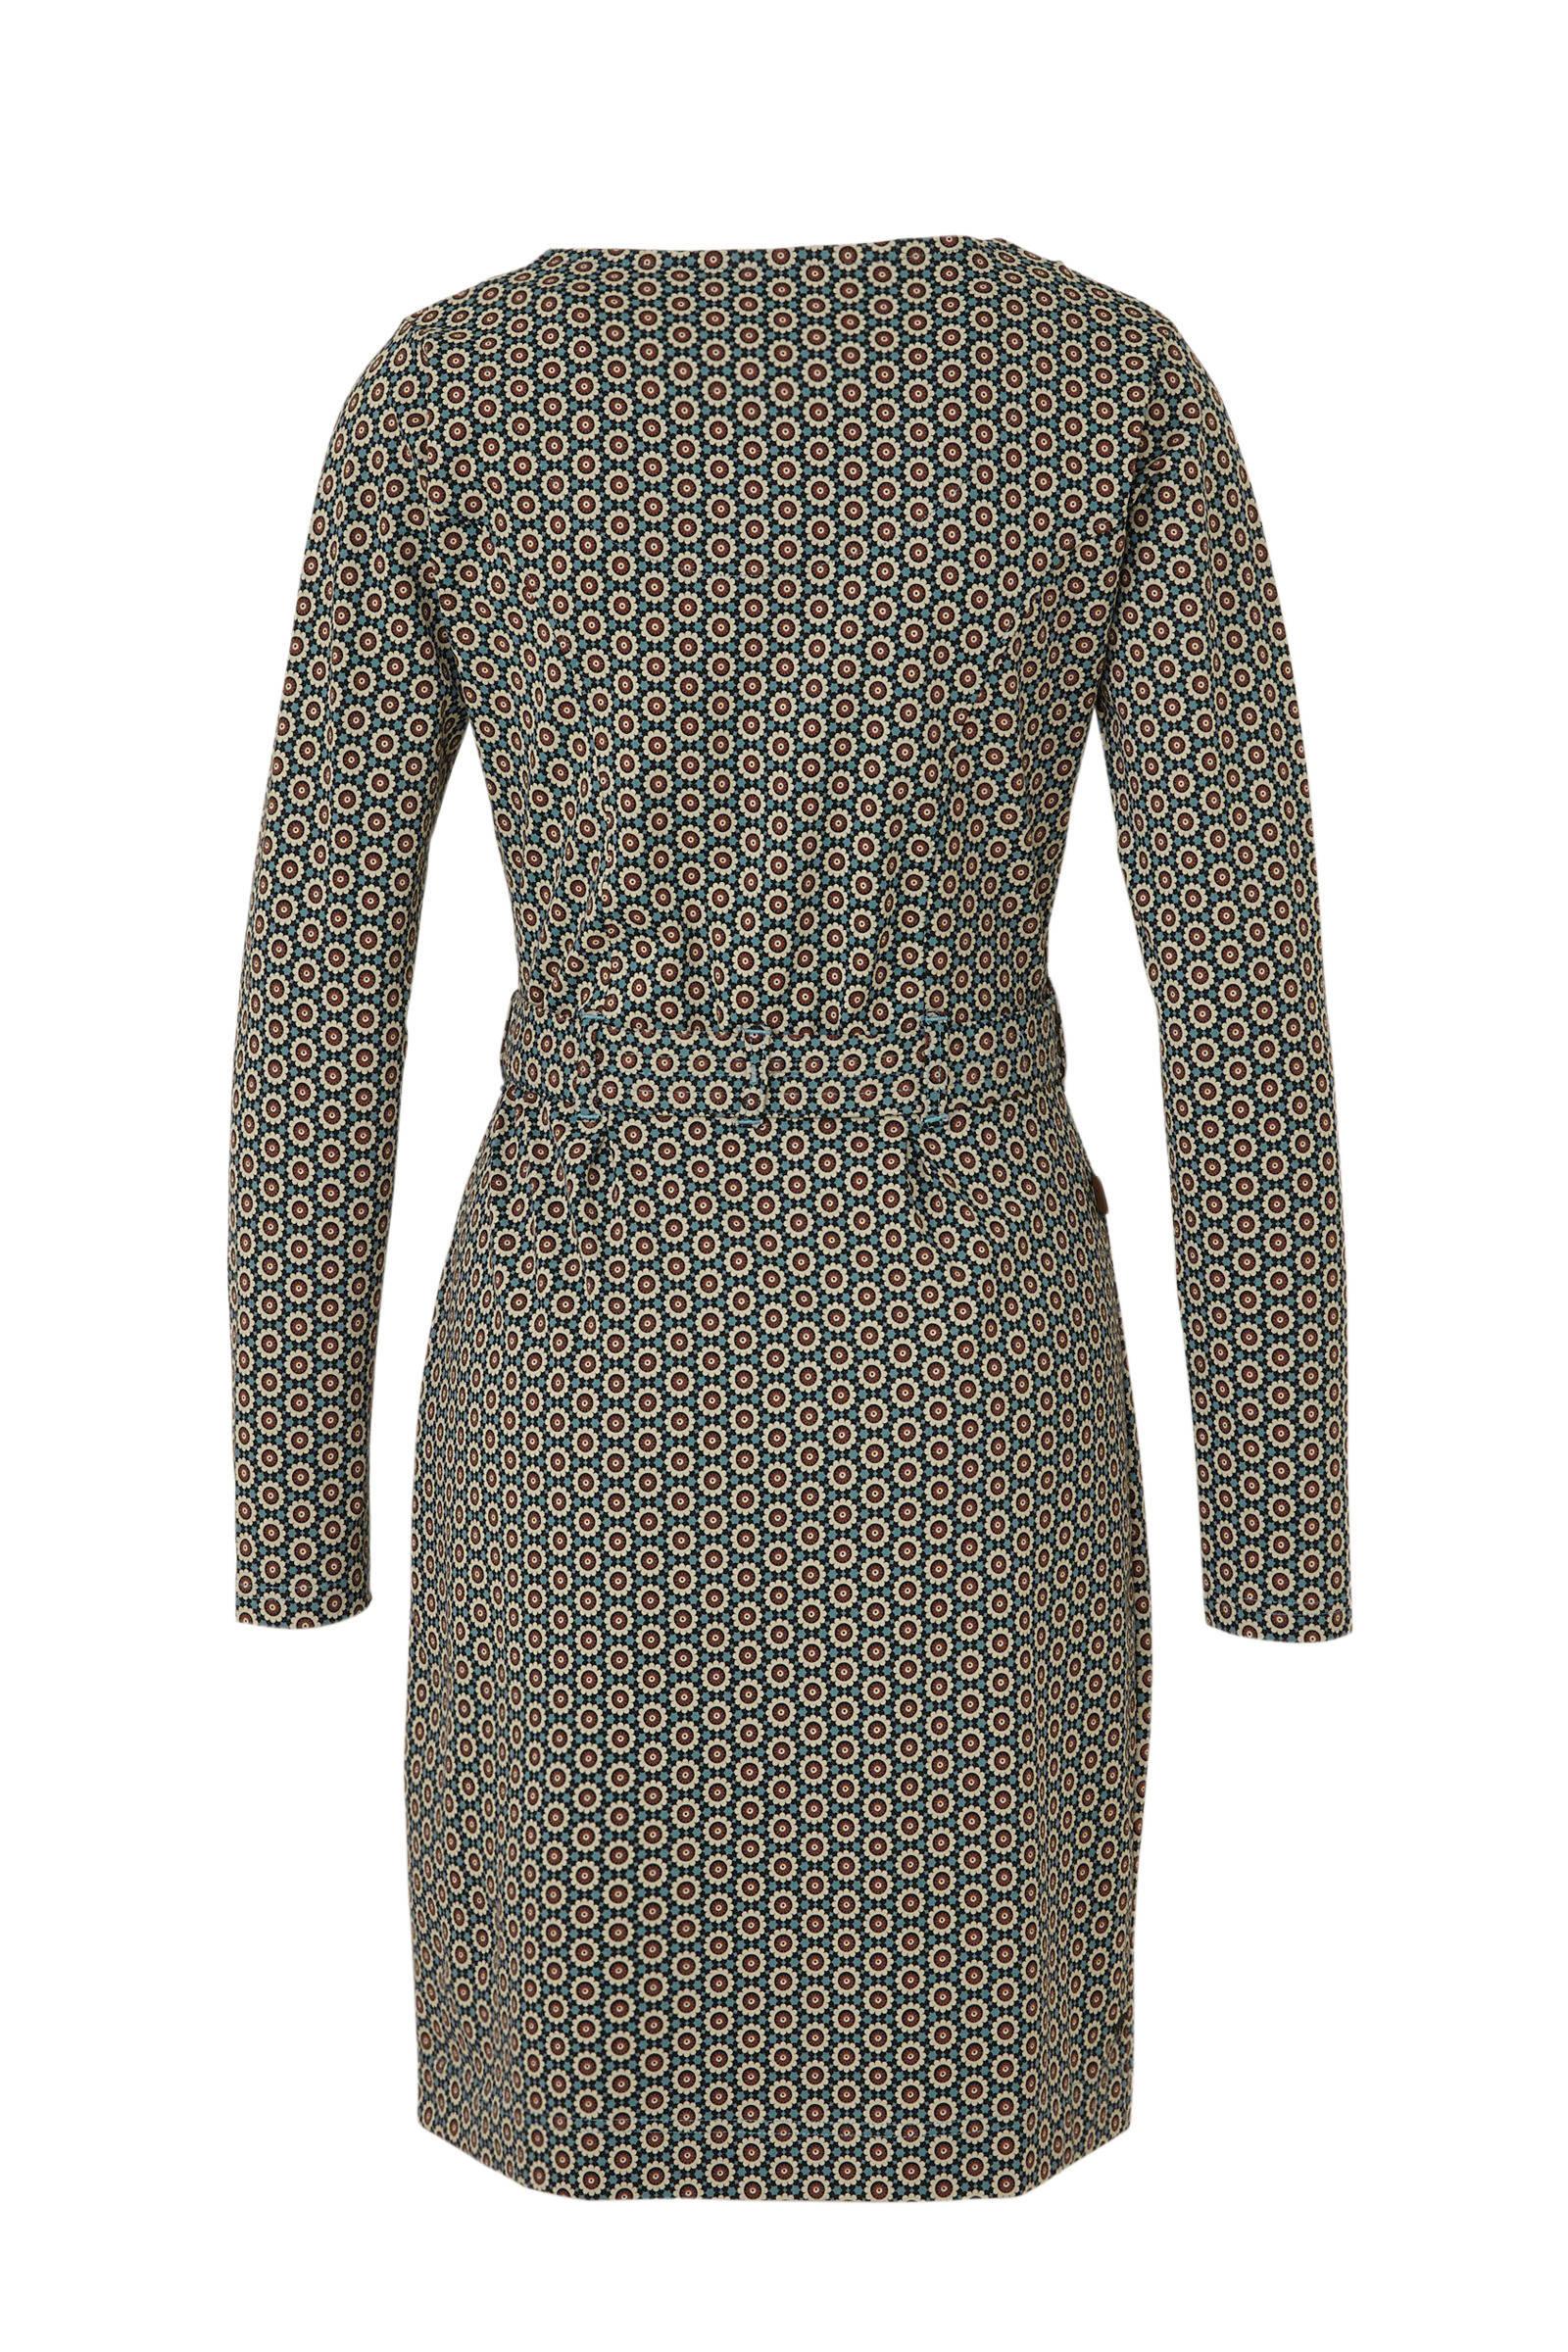 4funkyflavours jersey jurk met all over print bruin/wit/blauw